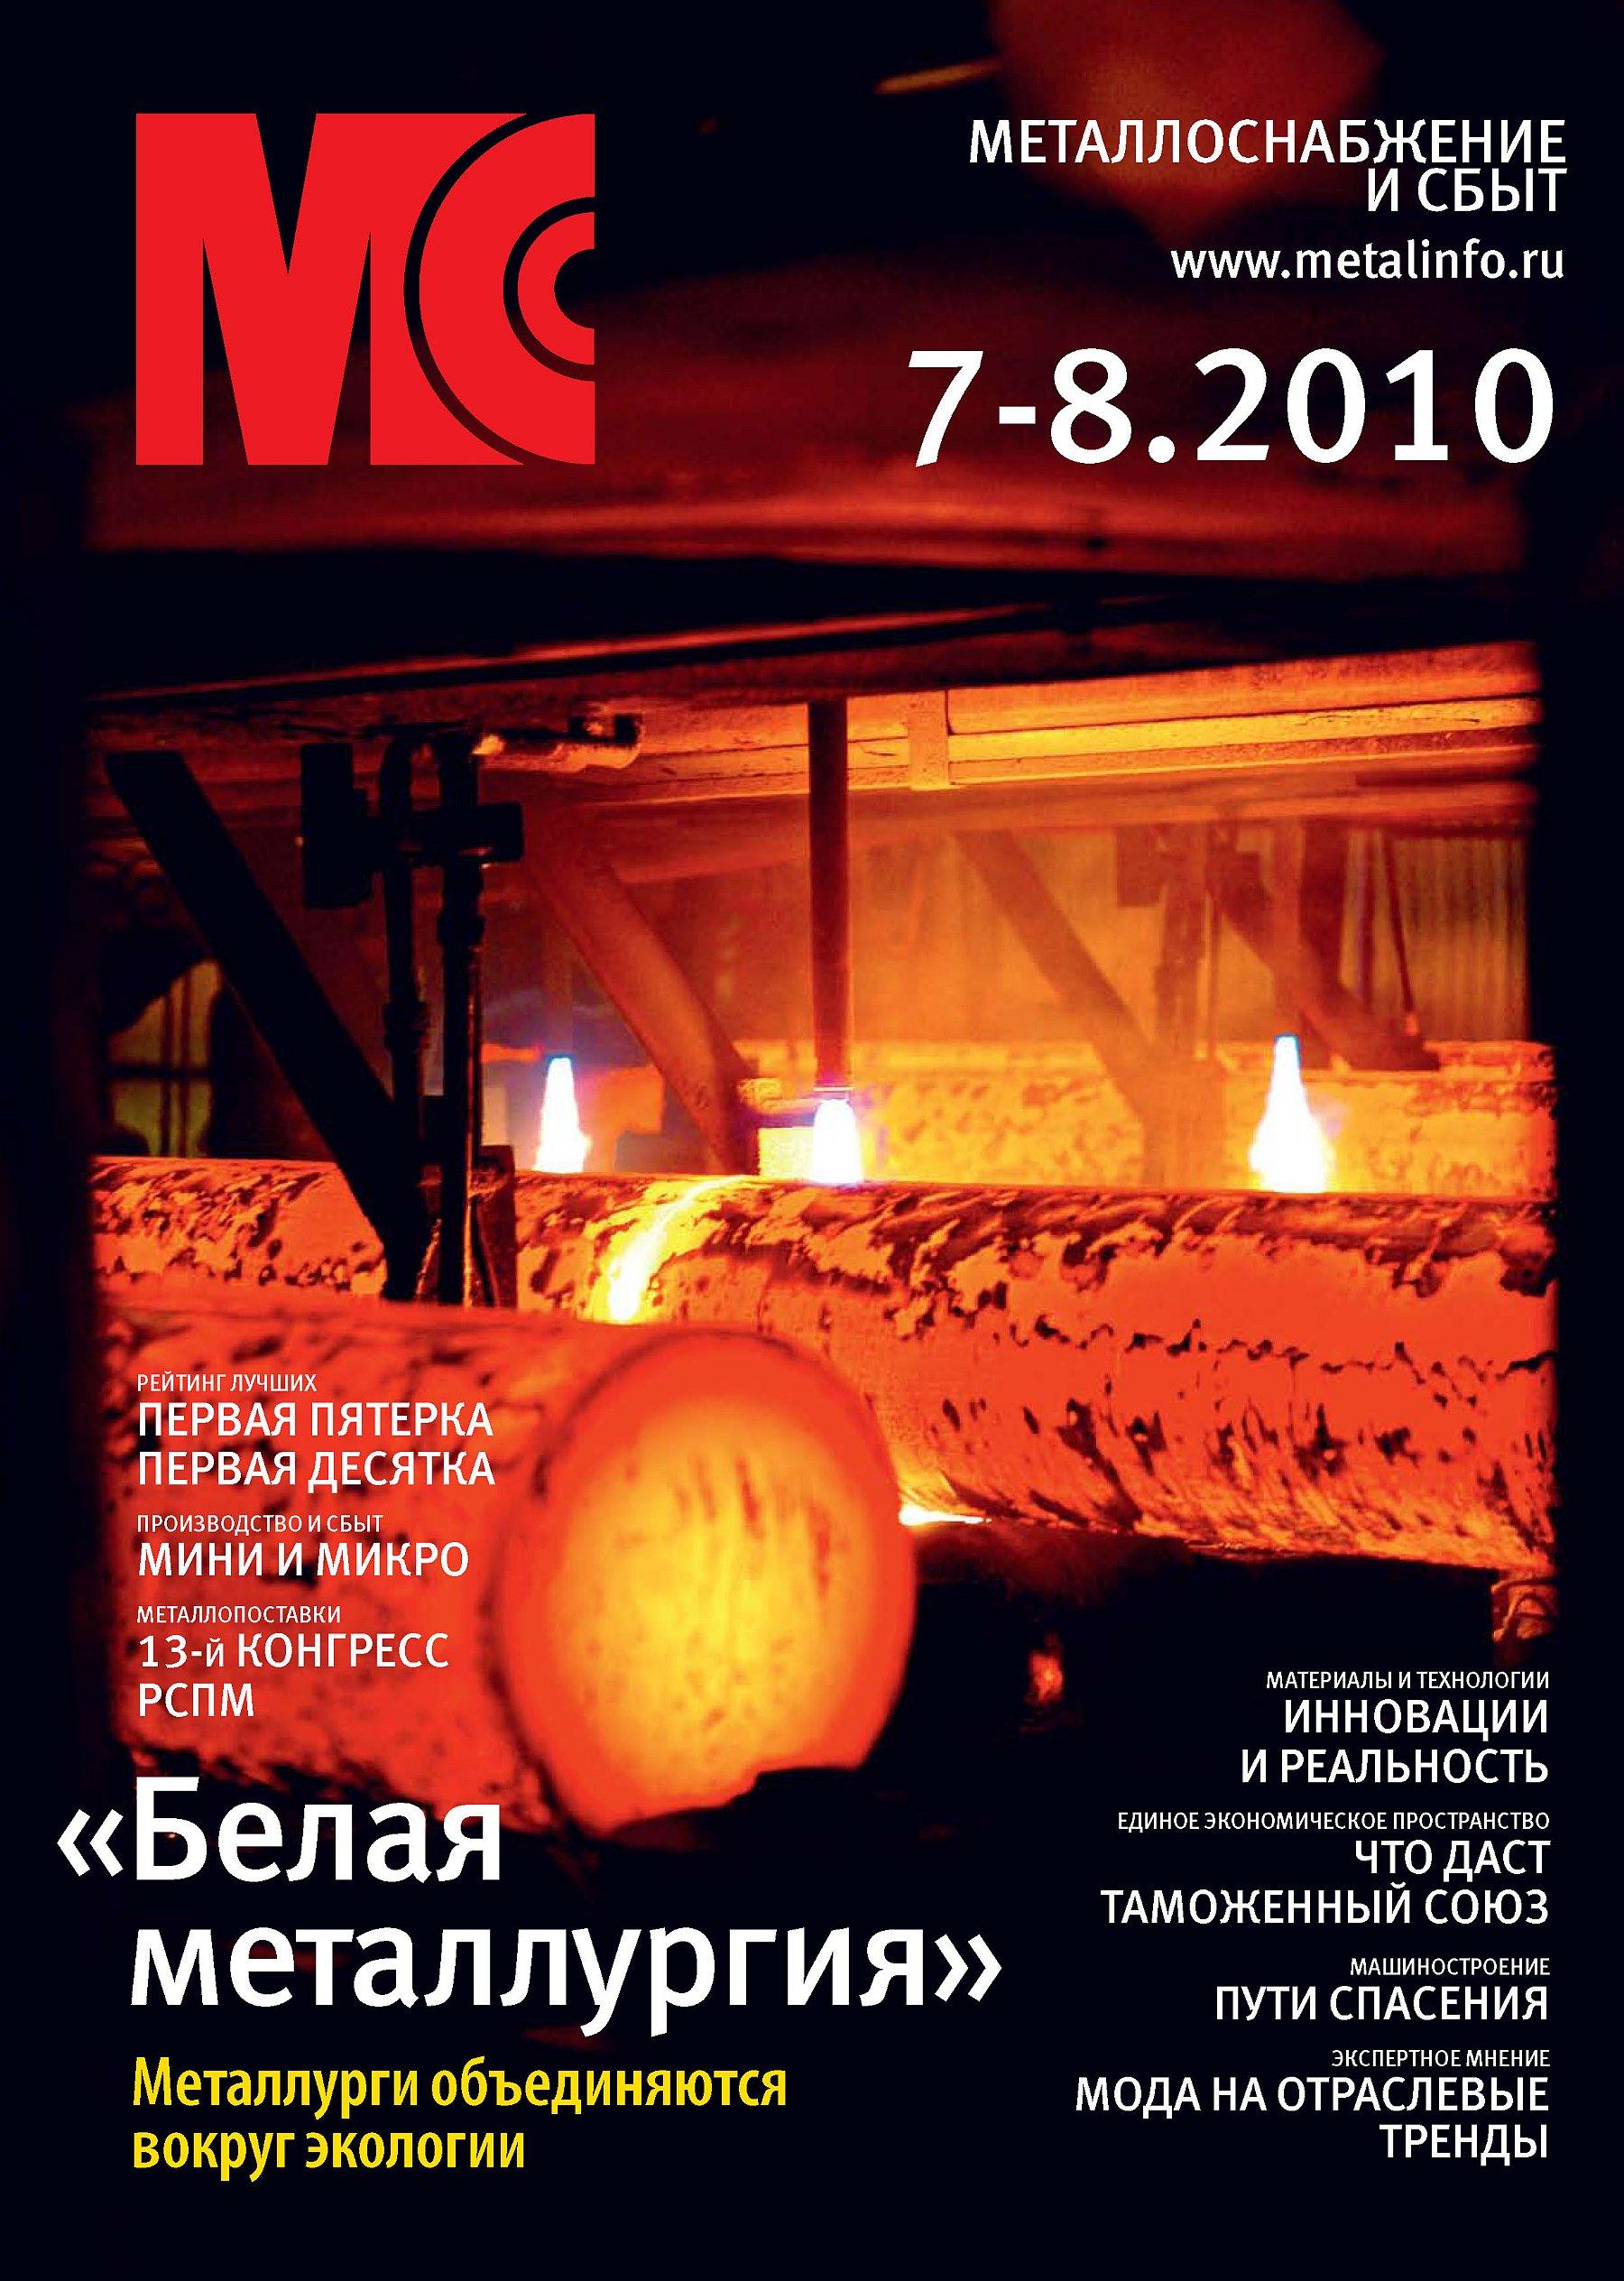 Отсутствует Металлоснабжение и сбыт №7-8/2010